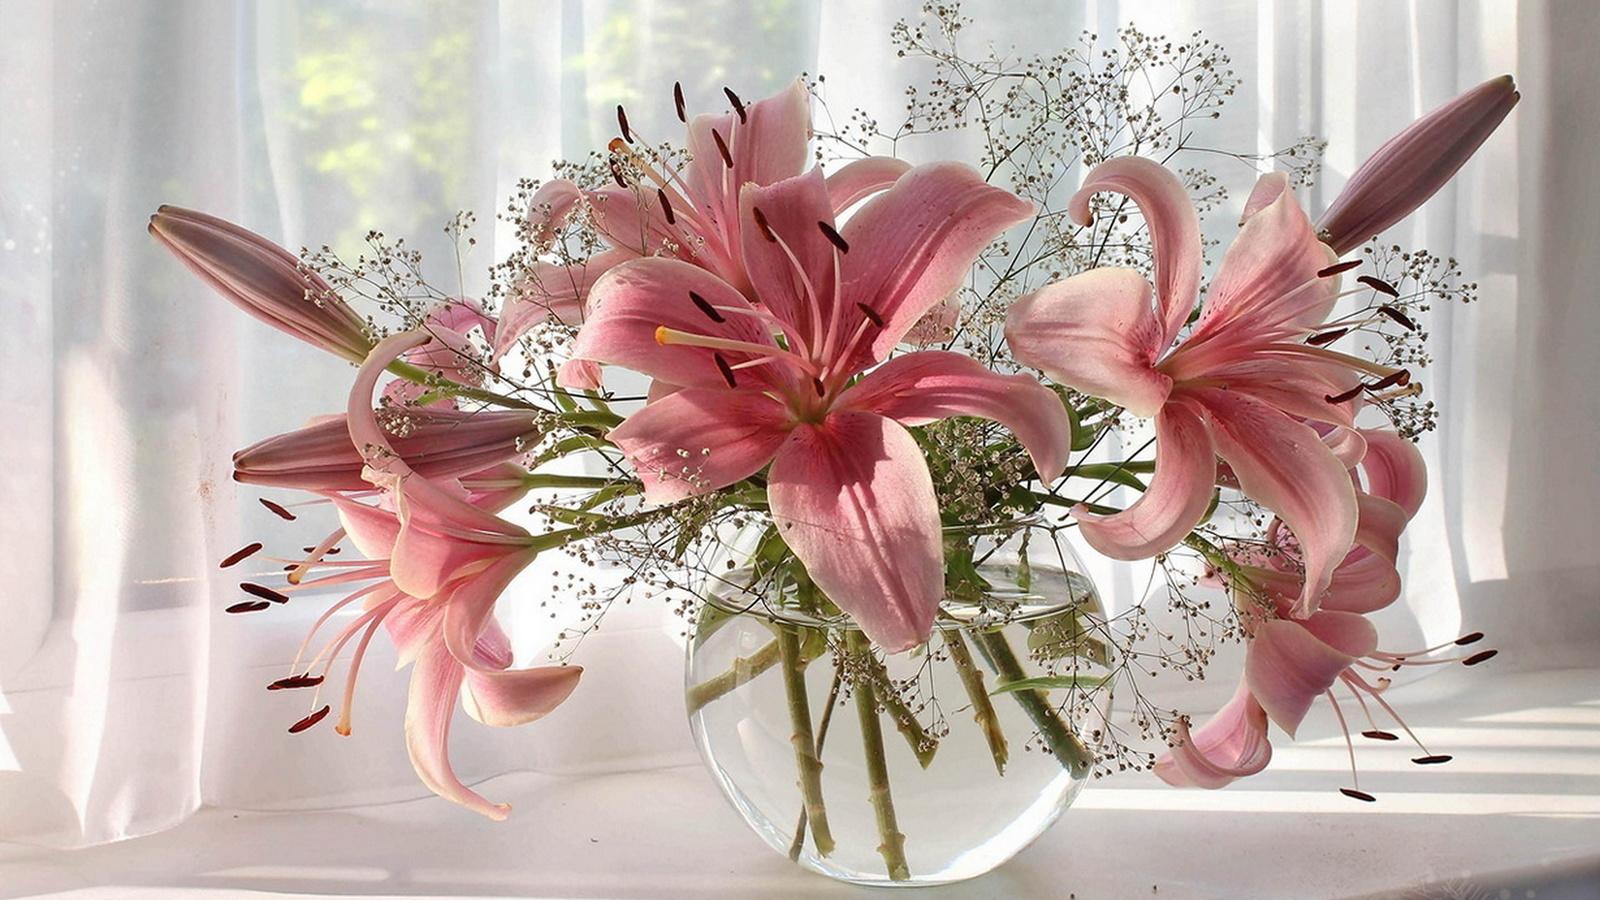 С днем рождения цветы в вазе картинки, любви другу